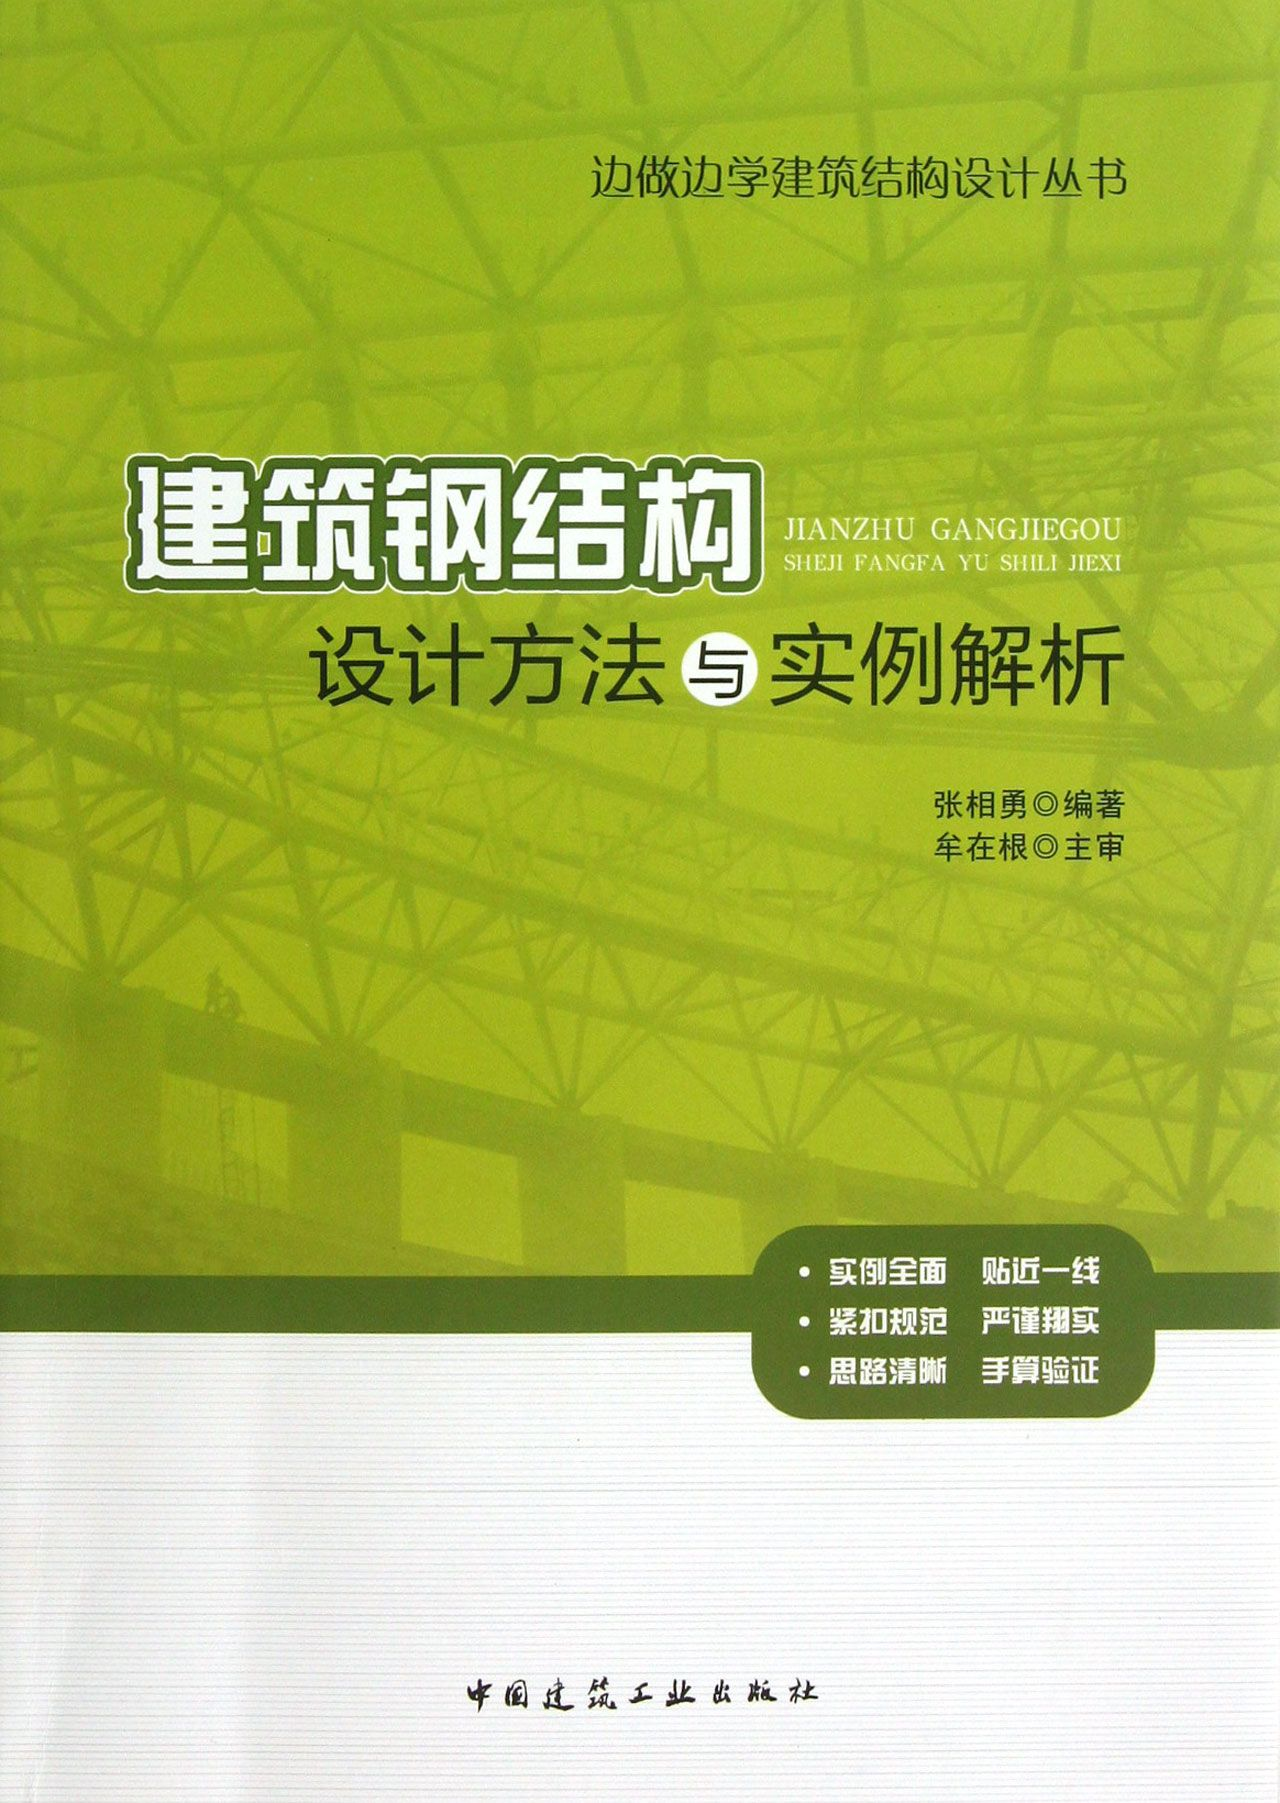 上篇 背景知识篇 第1章 钢结构概述 1.1 走近钢结构工程 1.2 钢结构的优缺点 1.3 钢结构的主要结构体系 1.4 钢结构设计的一般原则和过程 1.4.1 钢结构设计的一般原则 1.4.2 钢结构设计的一般过程 1.5 建筑工程施工图的内容及要求 1.5.1 建筑施工图的内容及要求 1.5.2 结构施工图的内容及要求 1.